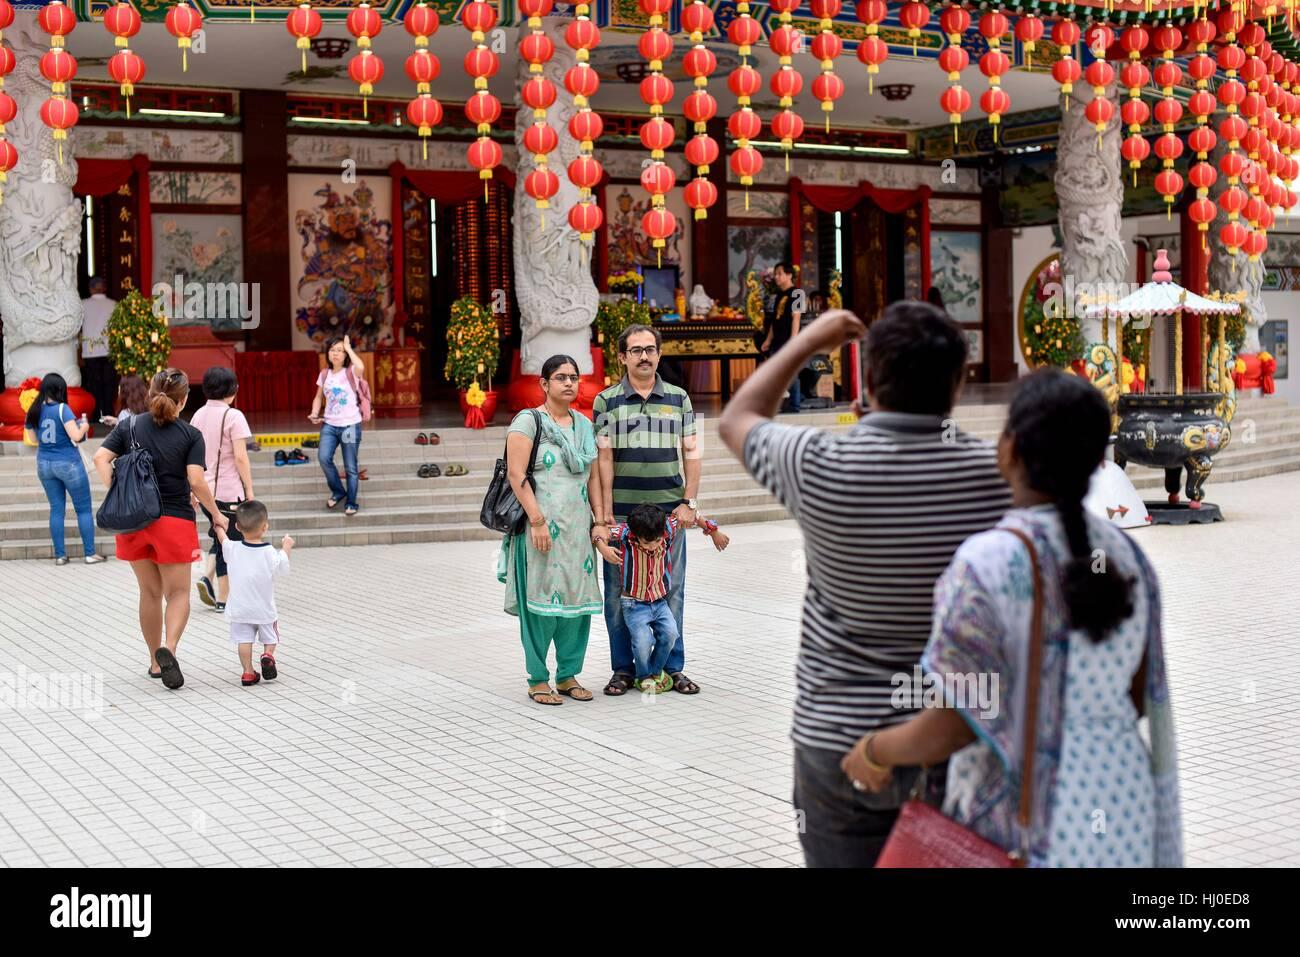 Vue générale du Temple de Thean Hou avant le Nouvel An lunaire du coq à l'occasion des célébrations, Photo Stock